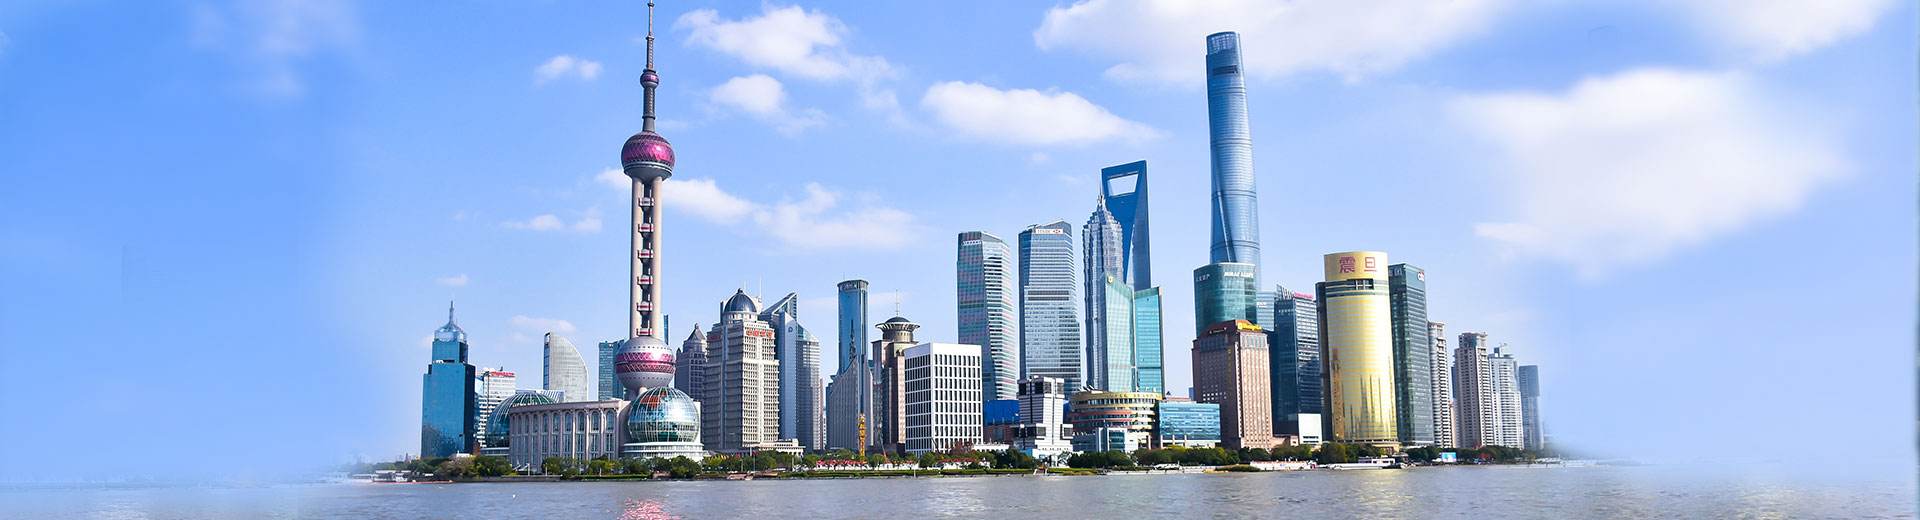 Mainland China